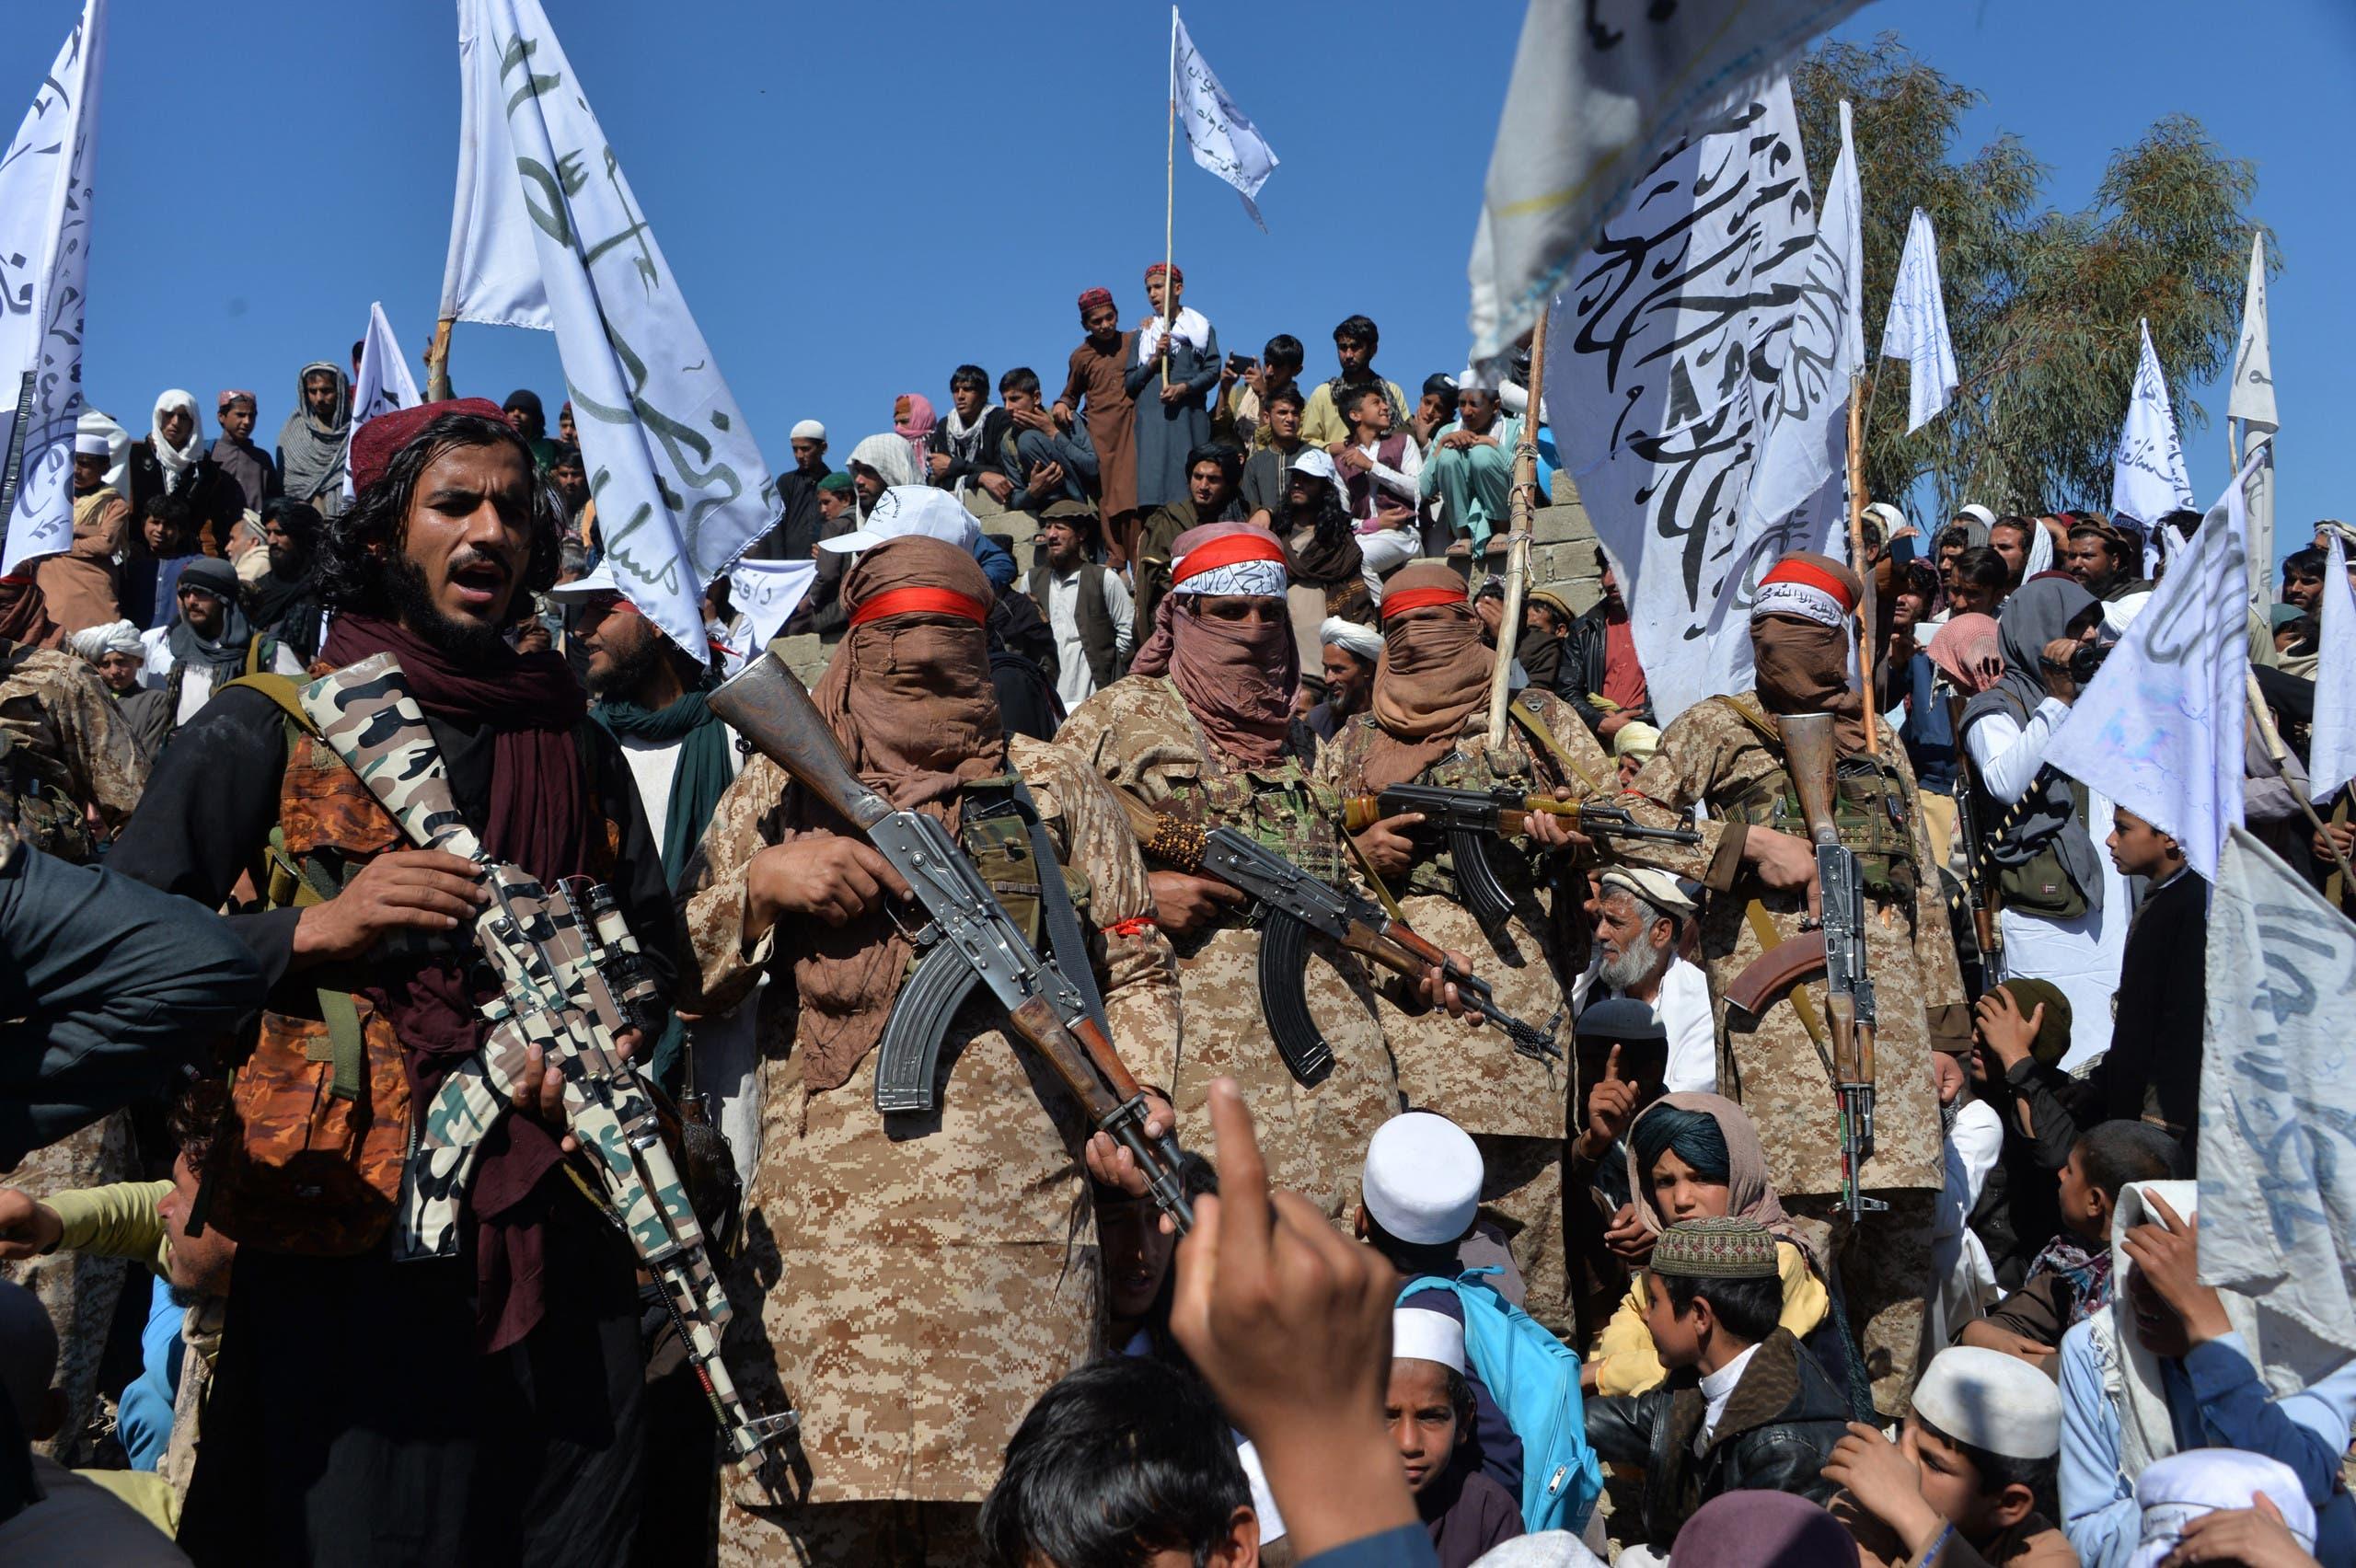 مقاتلون من طالبان وسكان من ألينجار يجتمعون في مارس 2020 للاحتفال بالاتفاق الذي تم التوصل اليه حول الانسحاب الأميركي